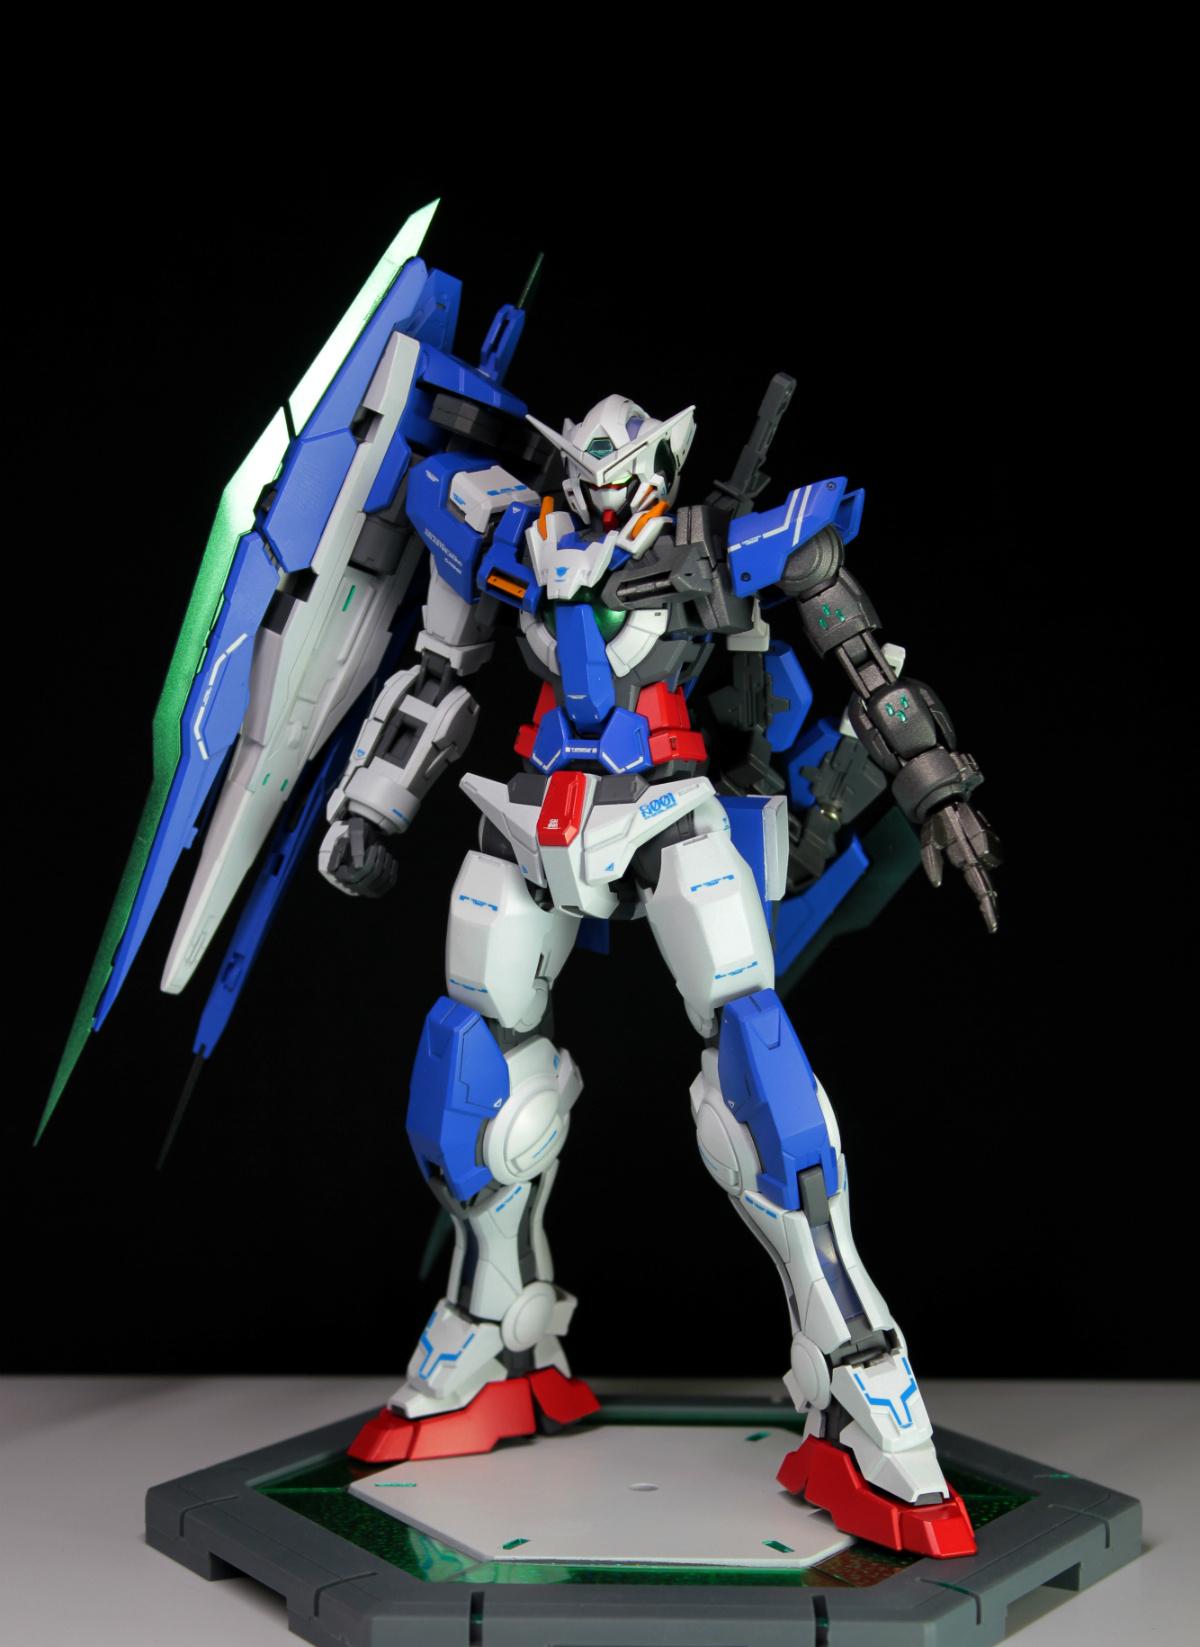 MG GN-001 能天使R4 格拉漢姆高達 by gunintuition - 高達|科幻模型 - 小T